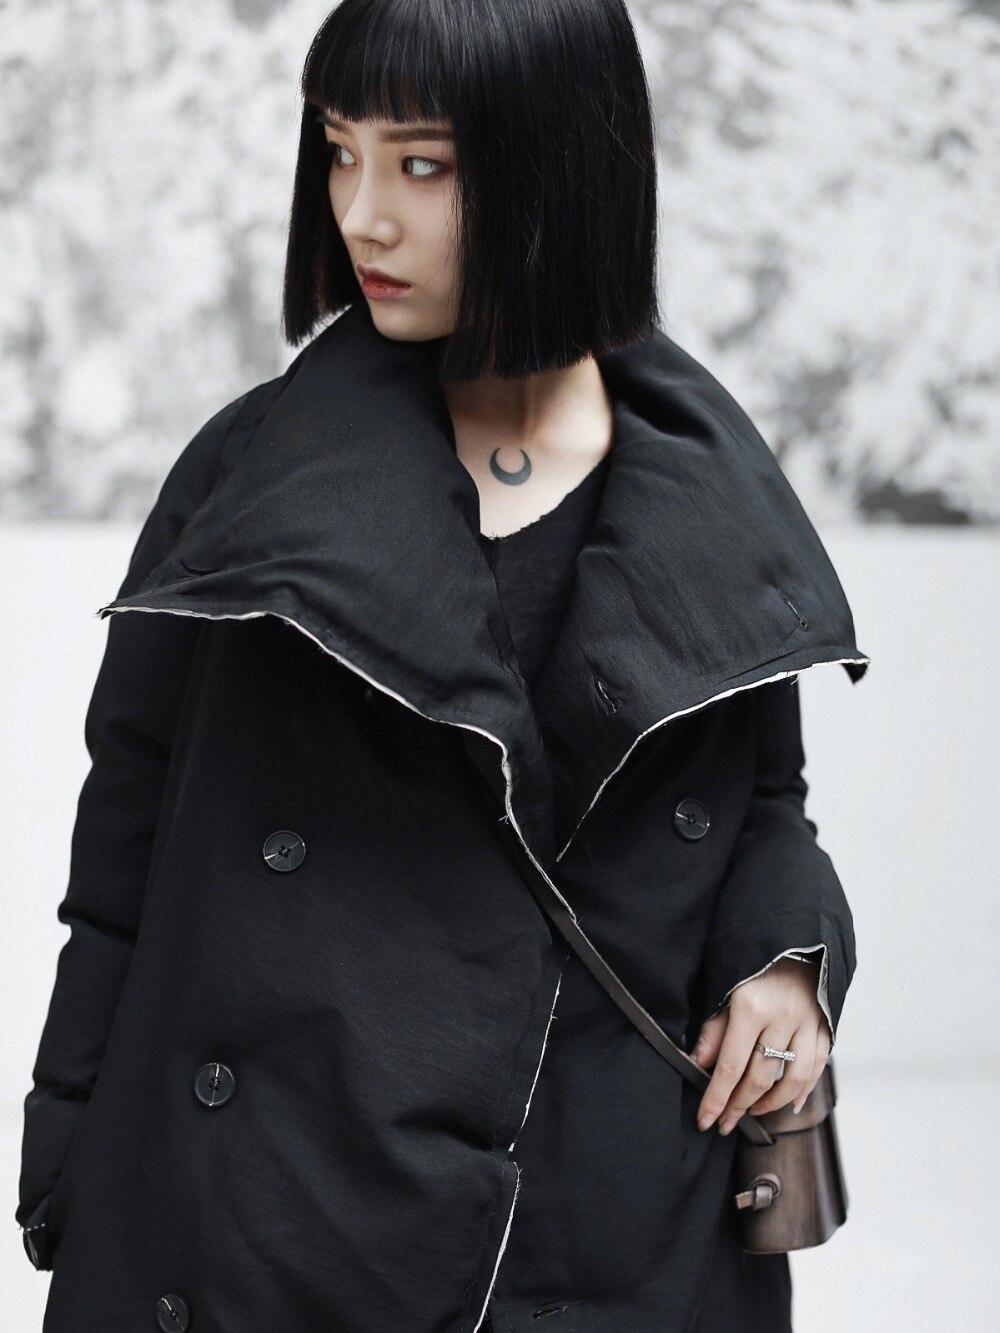 De Mode Hiver Large Nouveau Femmes taille Cakucool Boutonnage Longue Colar Parkas Solide Pleine Manches Double Asymétrique Noir 2018 AOqWnqwx6